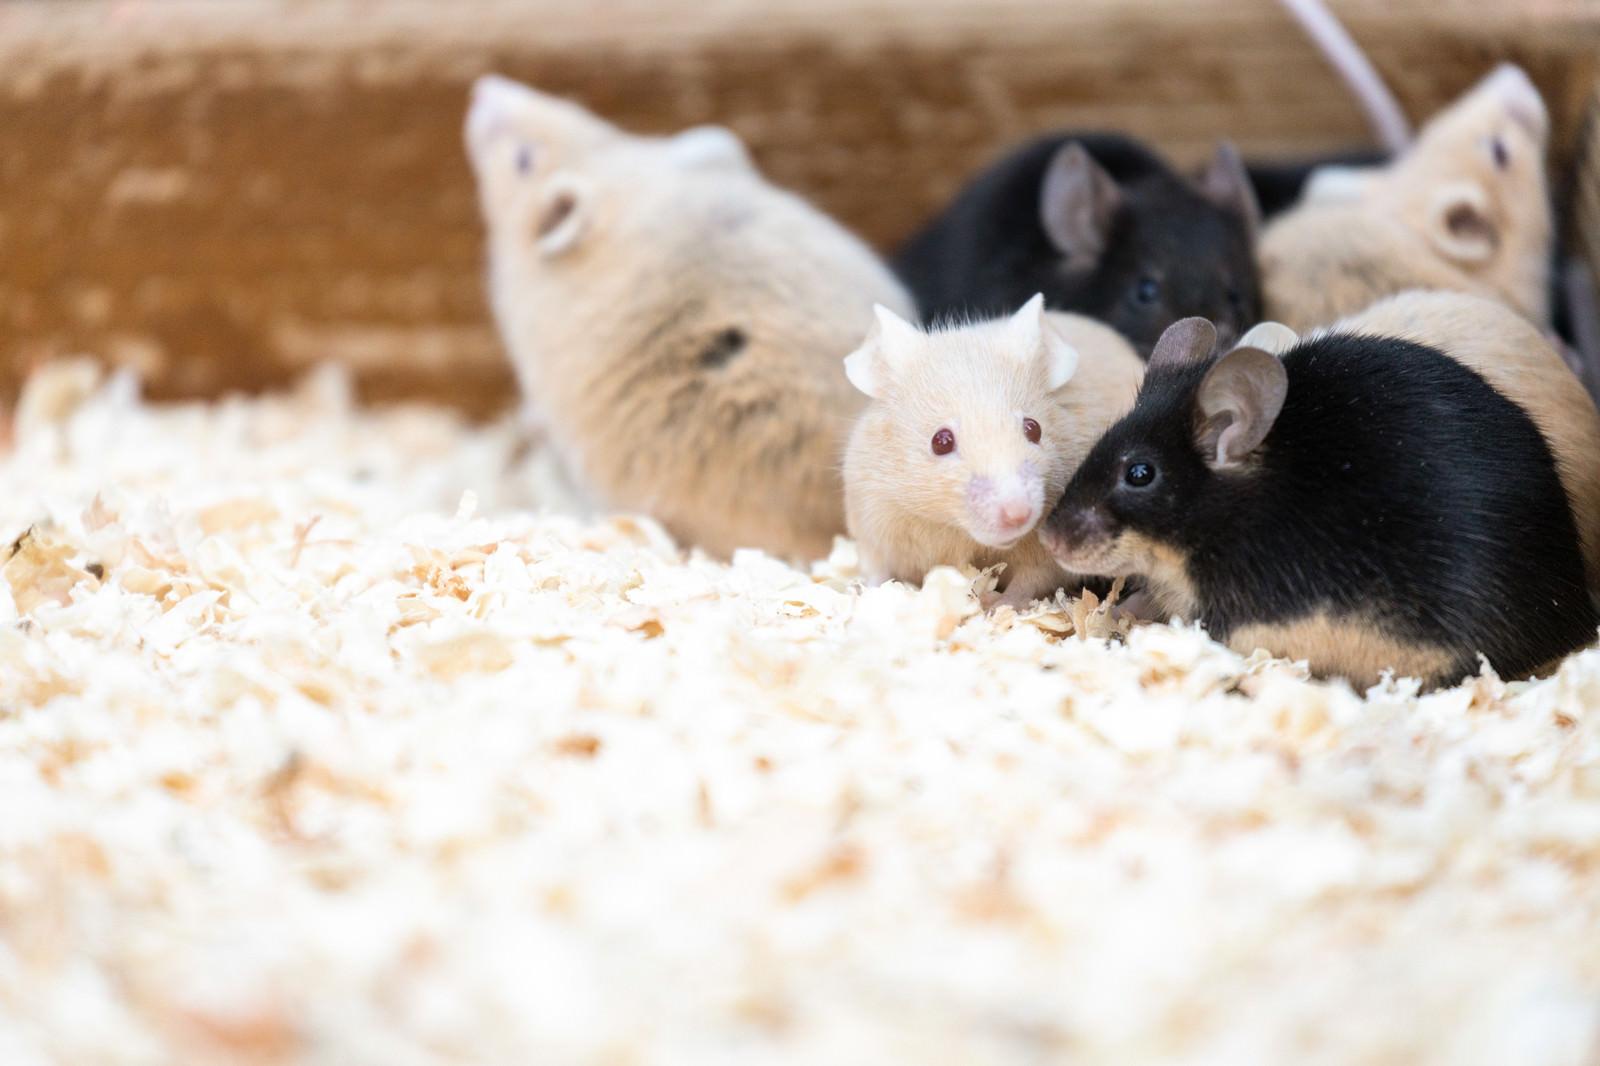 「隅っこに集まるネズミ達」の写真